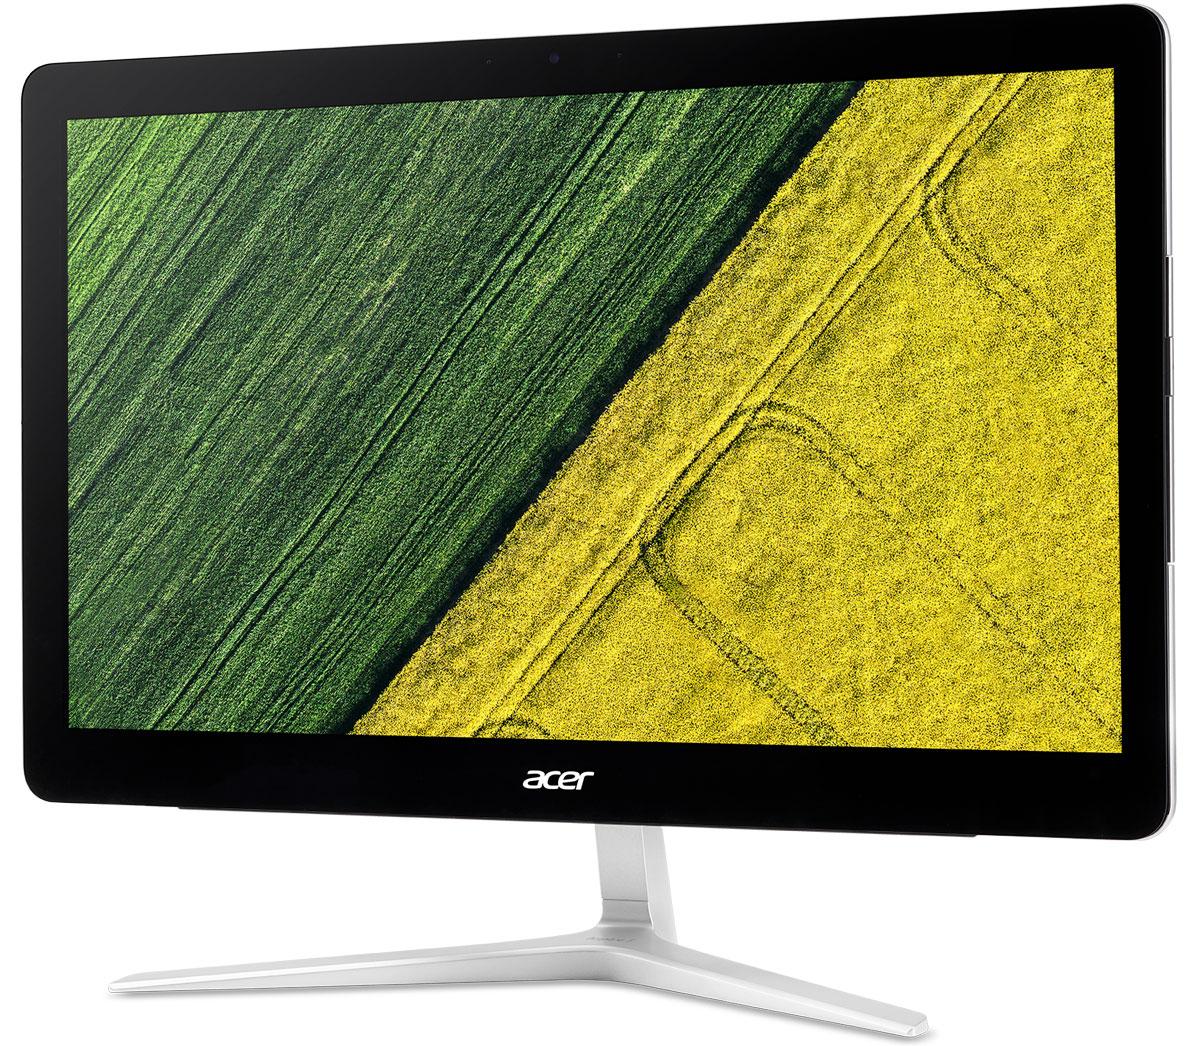 Acer Aspire Z24-880, Silver моноблок (DQ.B8VER.003) - Настольные компьютеры и моноблоки